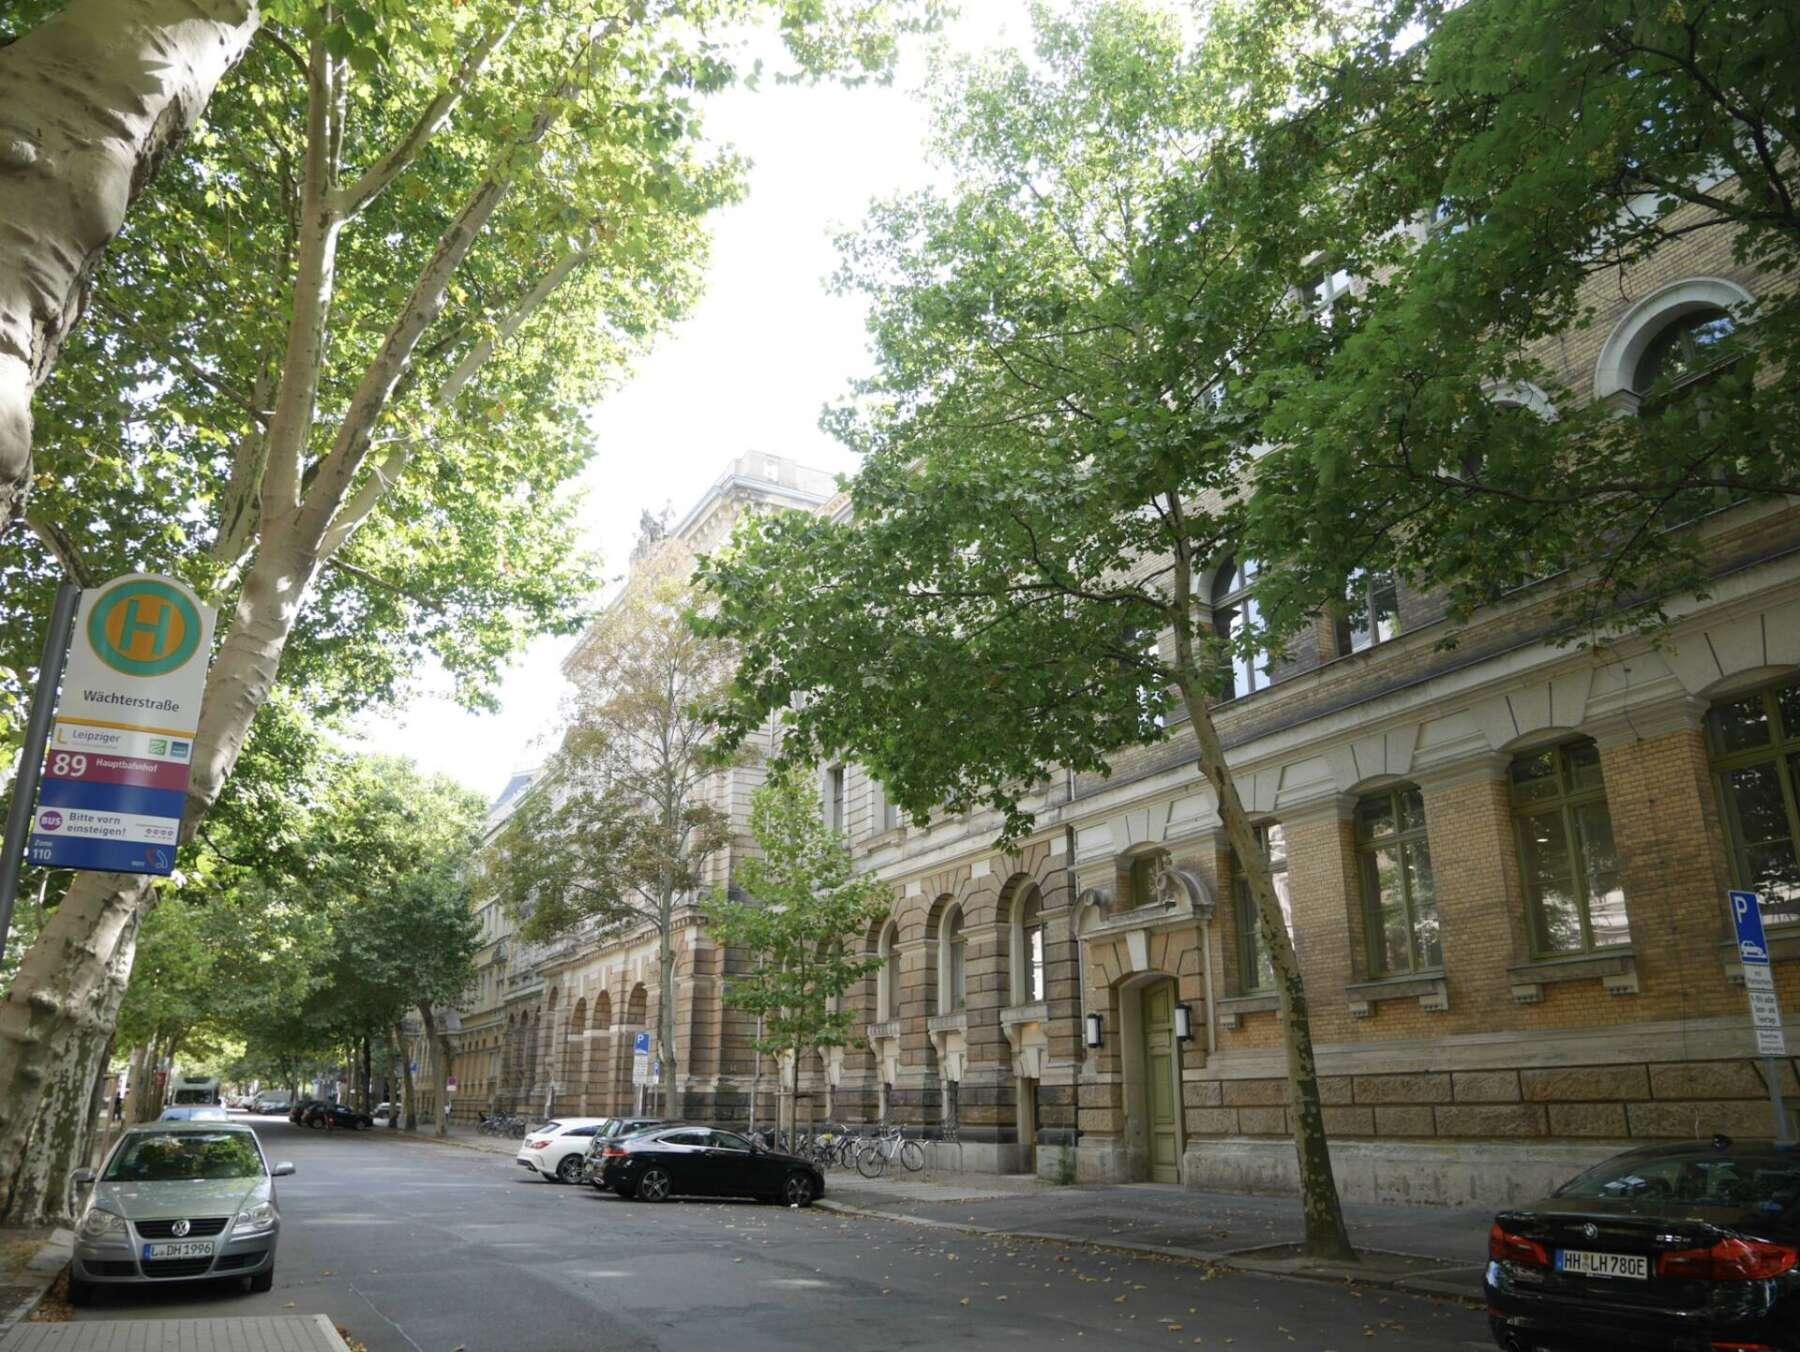 มหาวิทยาลัยไลพ์ซิก (Leipzig University)